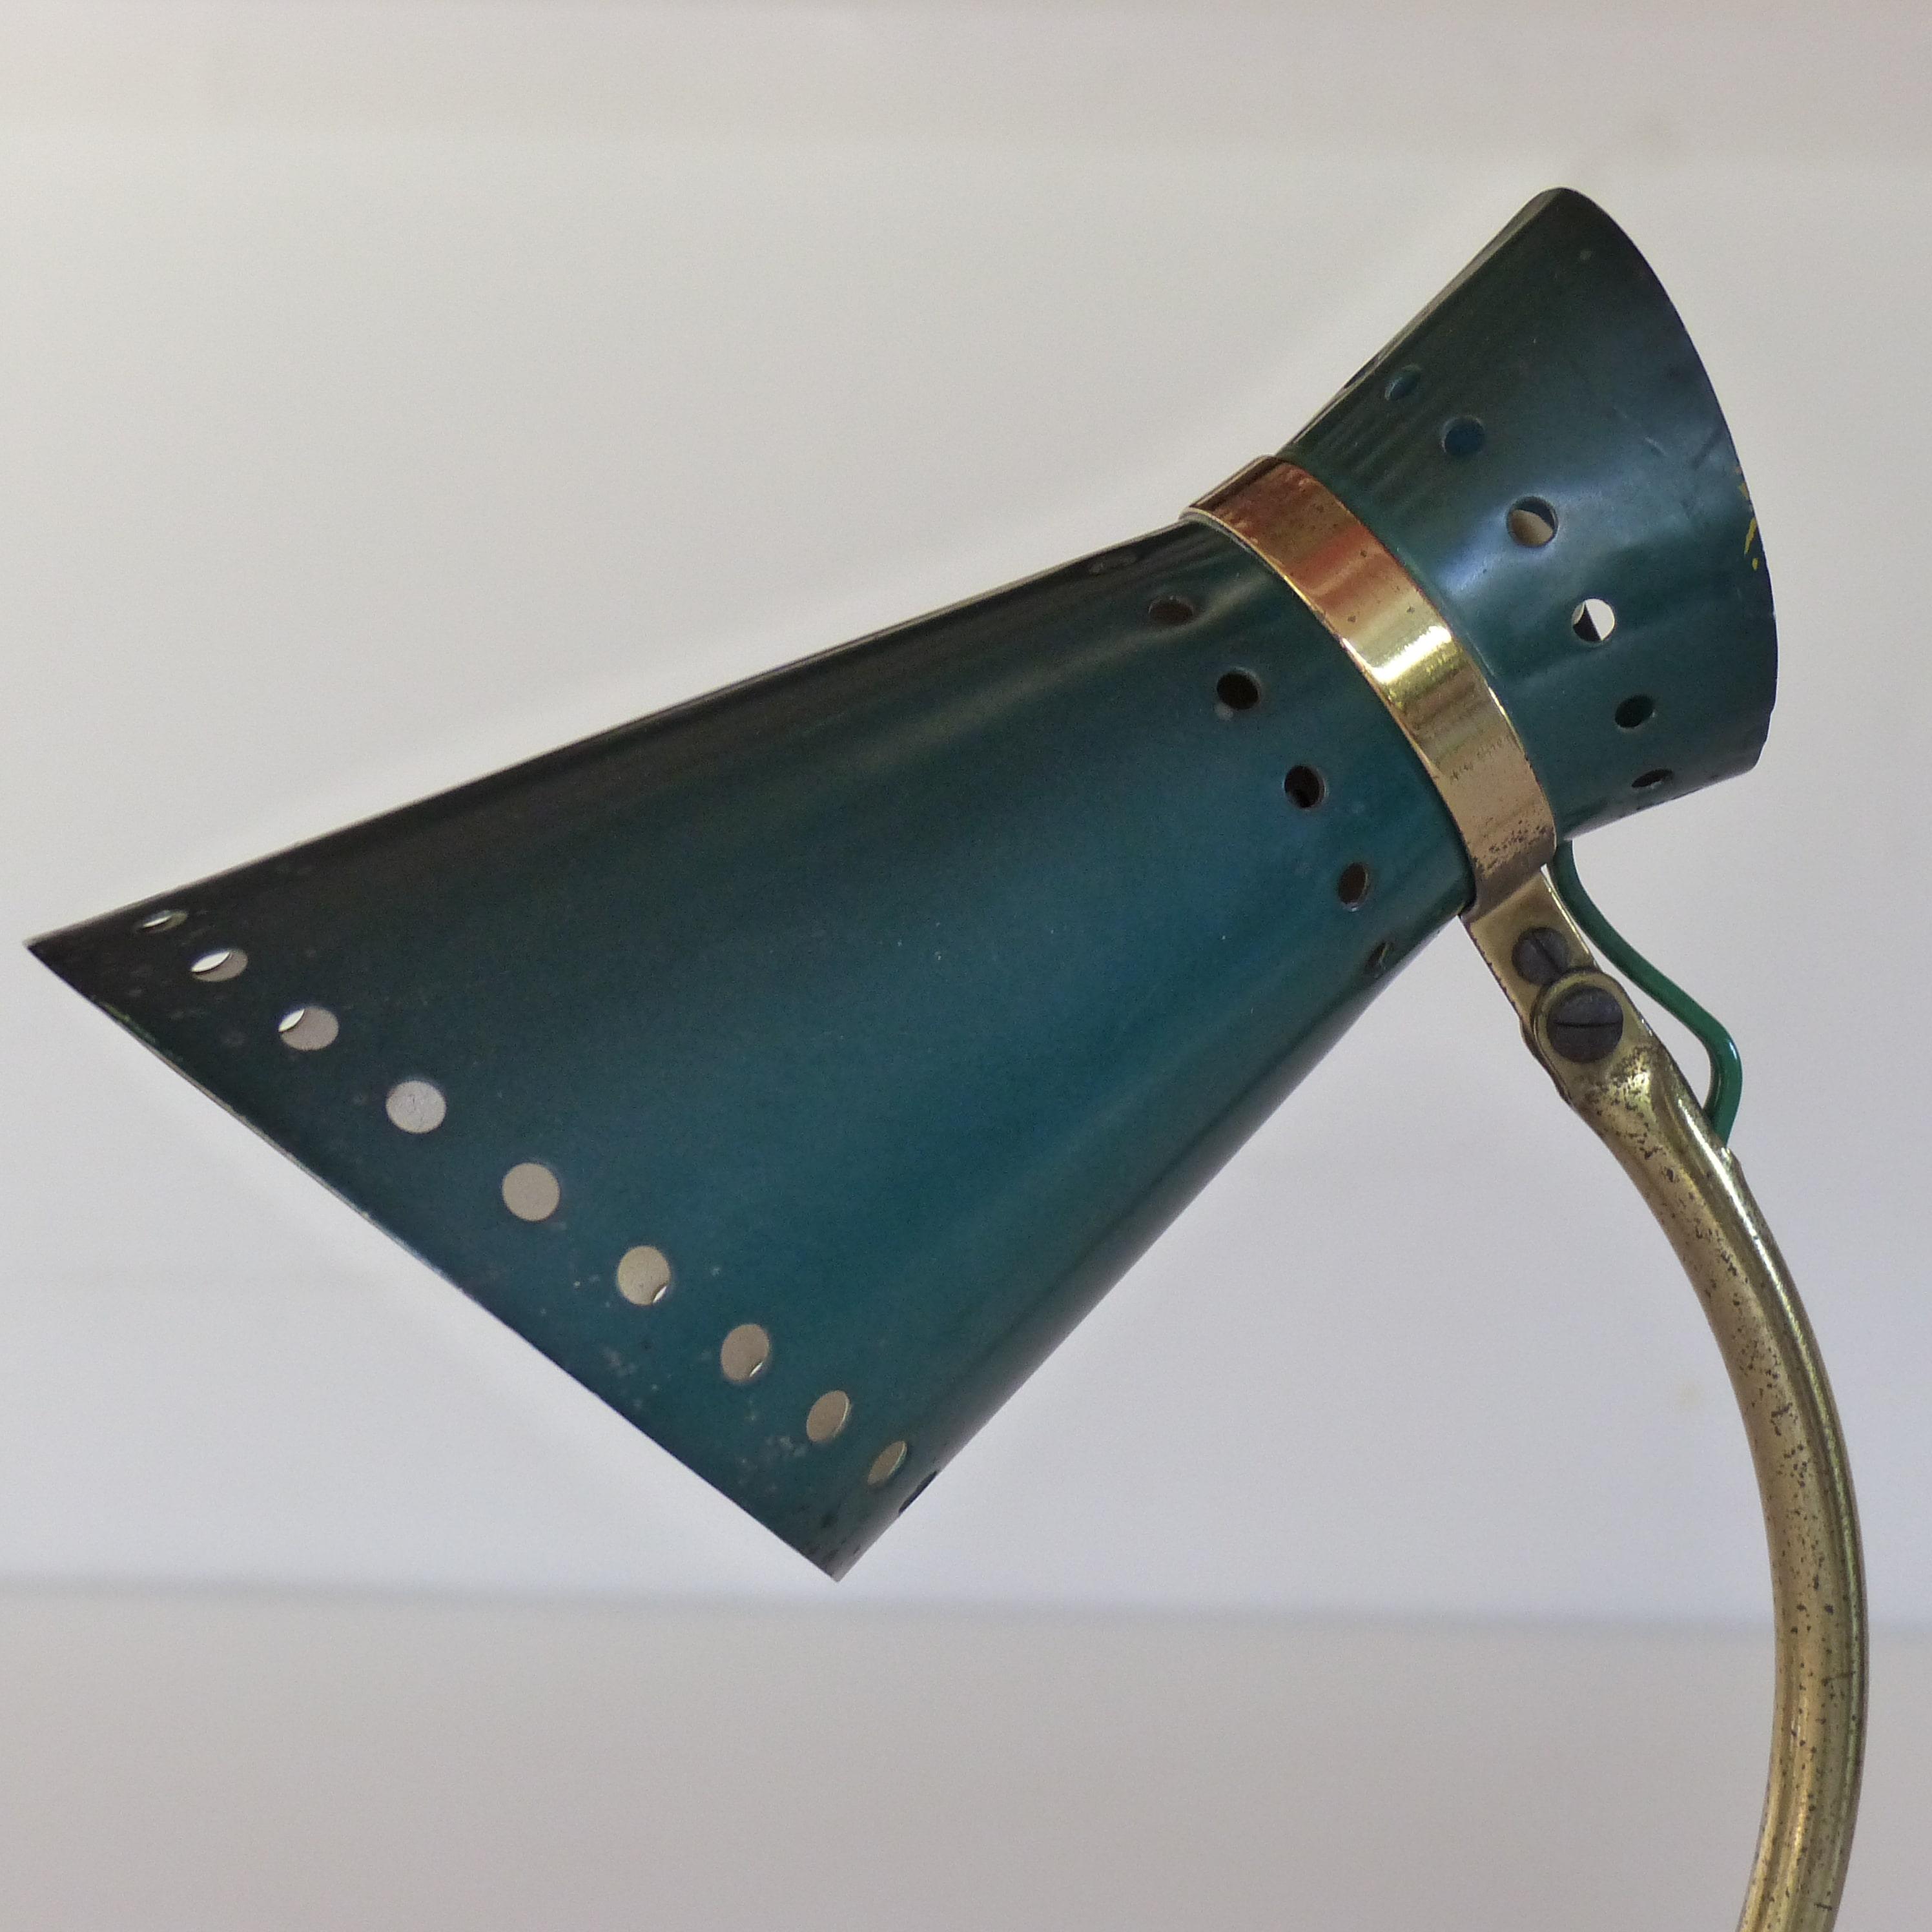 Lampe diabolo verte en métal lignedebrocante brocante en ligne chine pour vous meubles